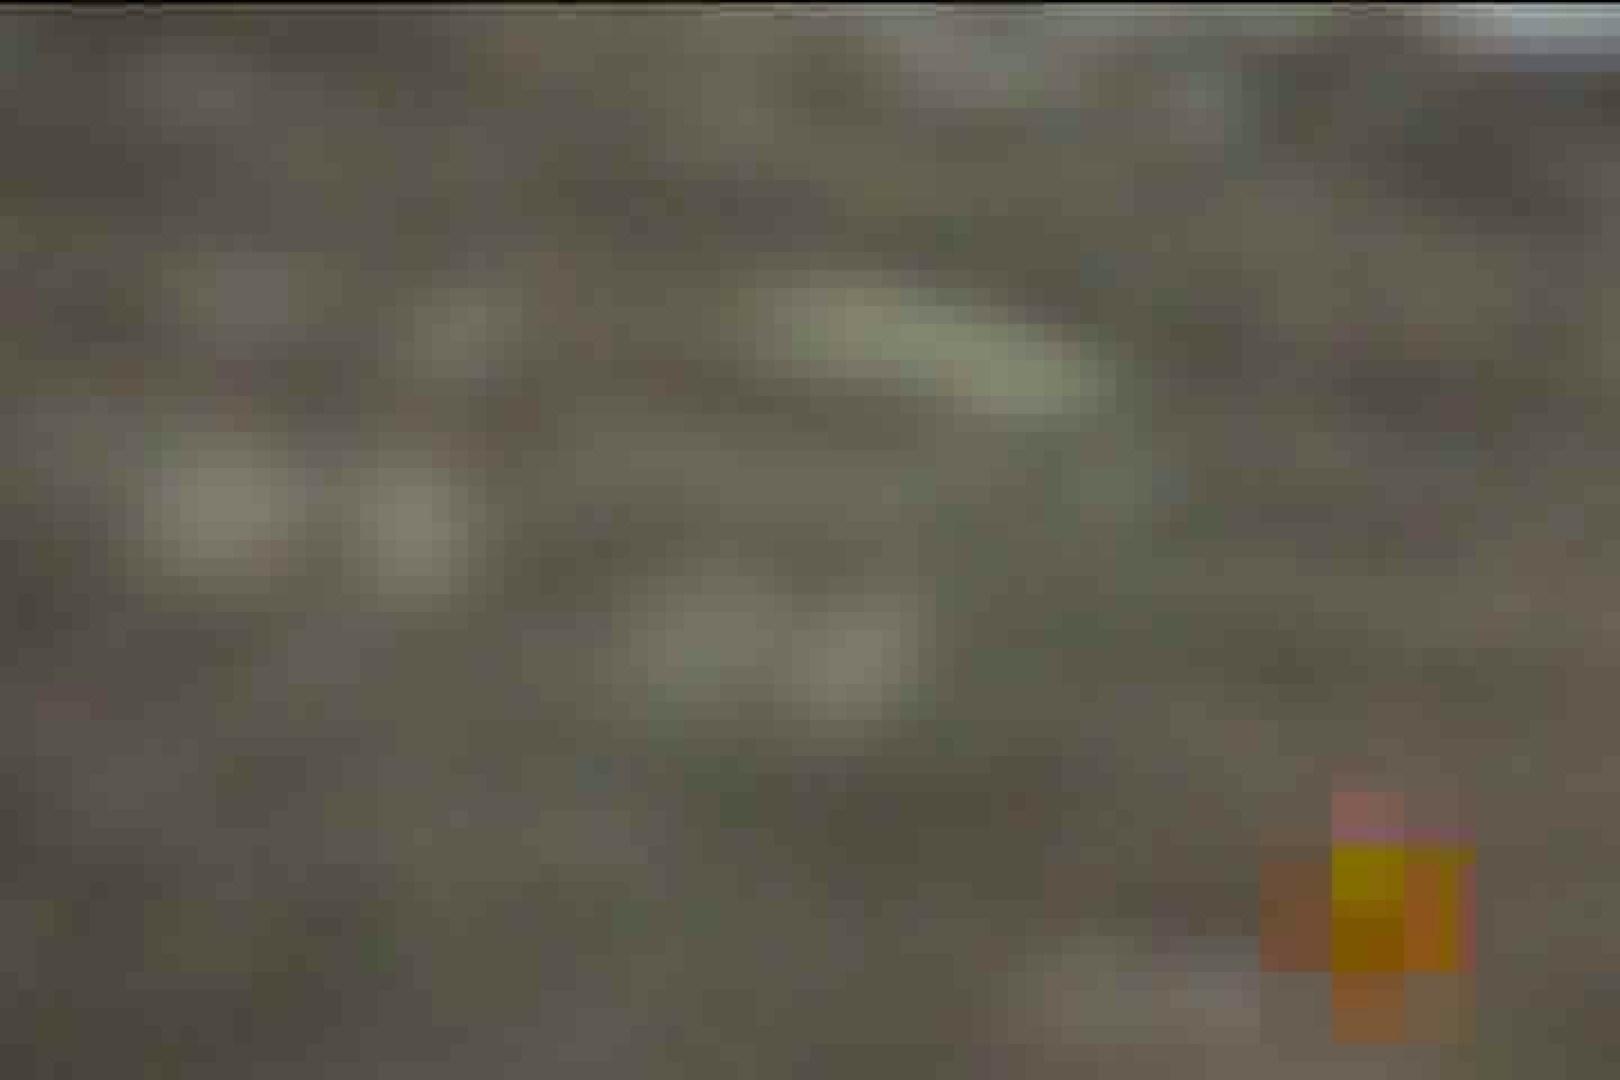 検証!隠し撮りスカートめくり!!Vol.3 素人 覗き性交動画流出 59pic 23